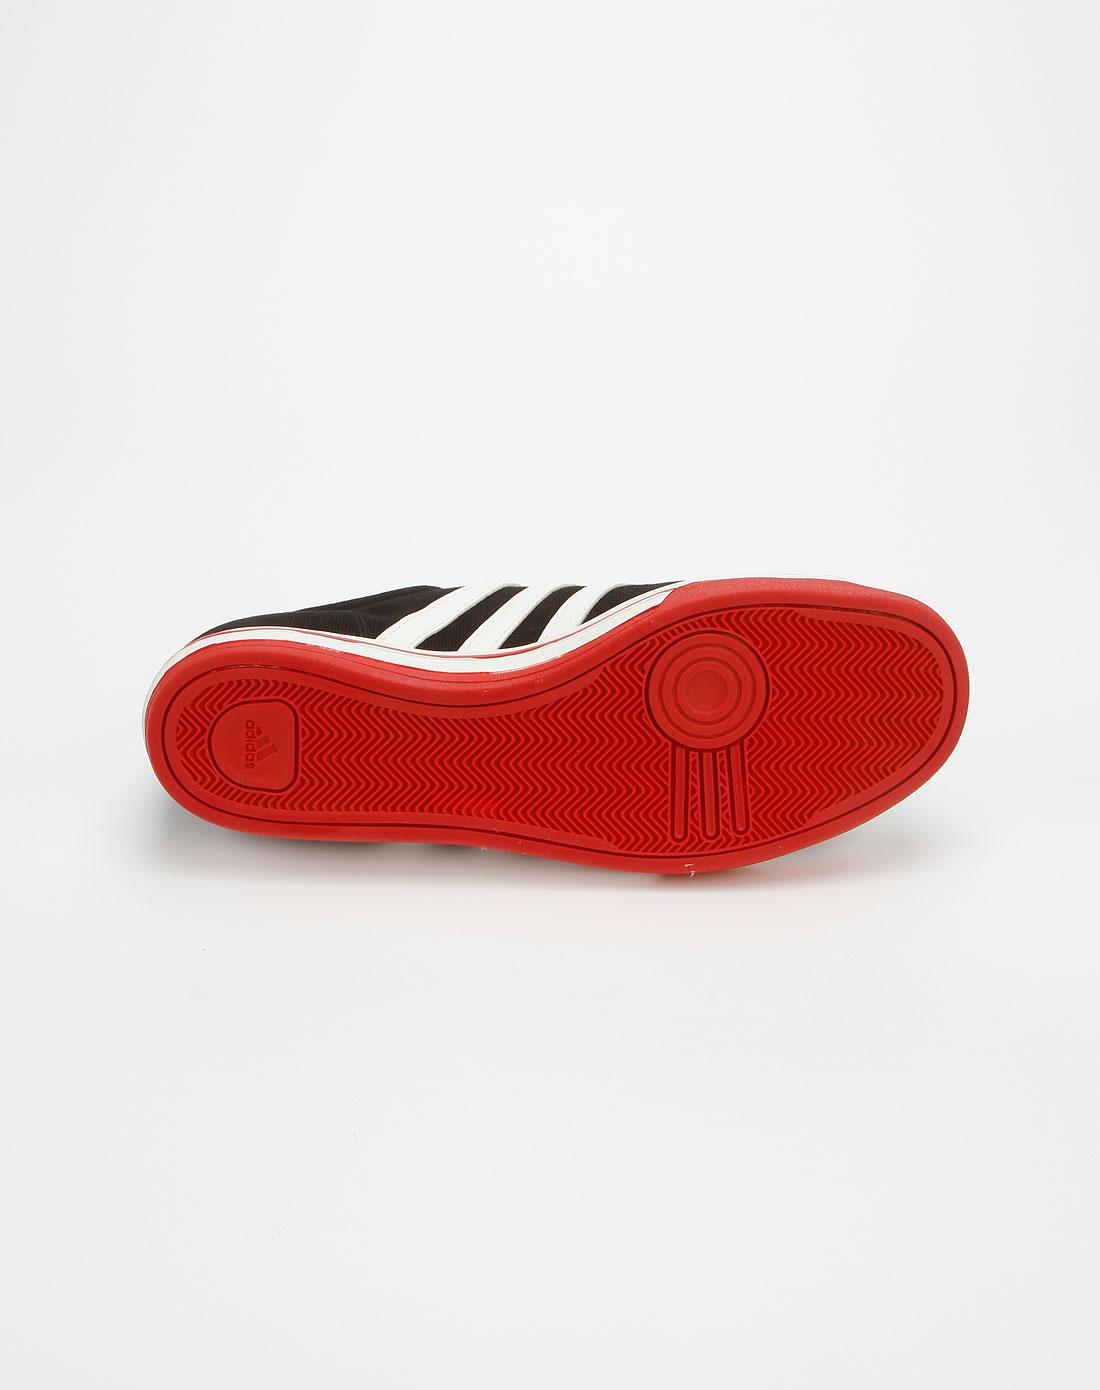 阿迪达斯adidas黑白红色型格帅气运动鞋g45513